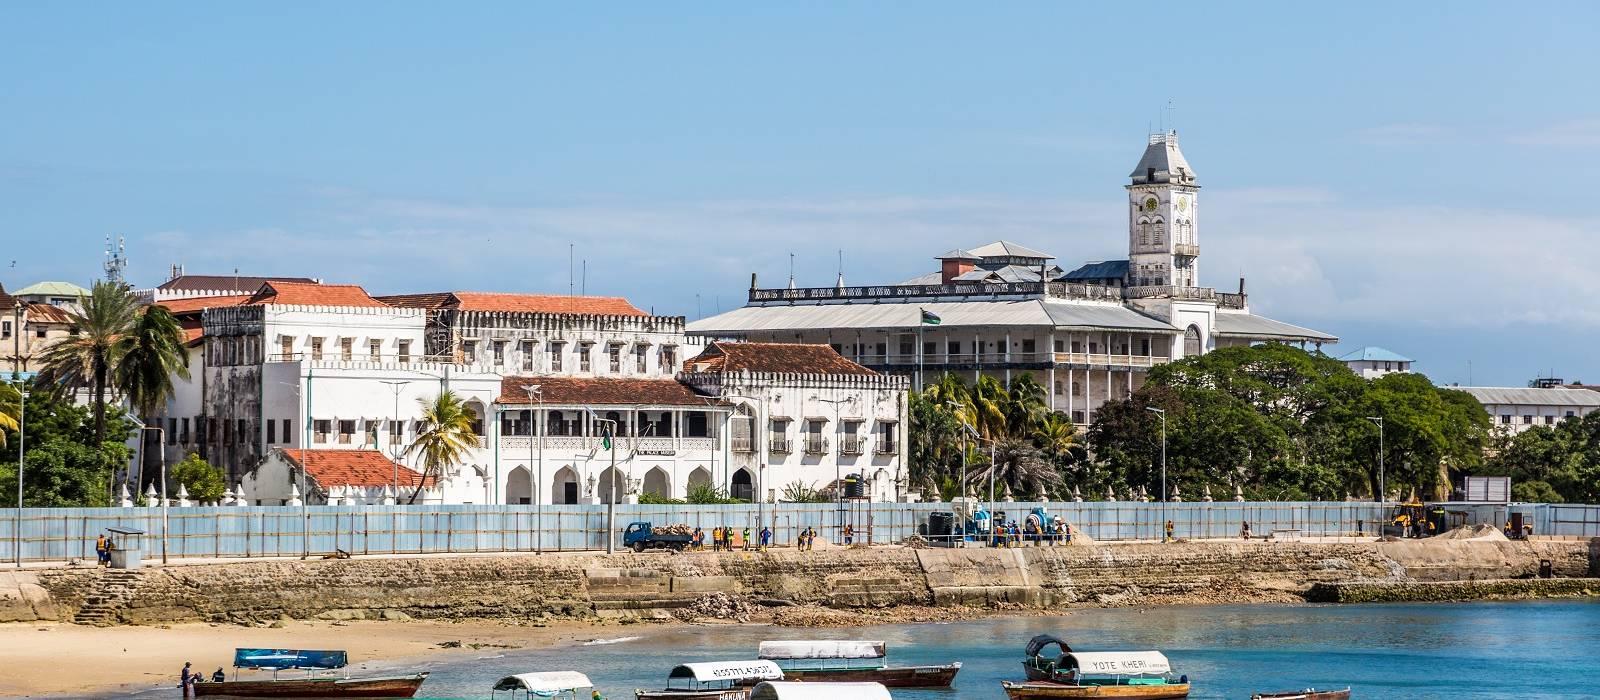 Zanzibar's Stone Town - History of Tanzania